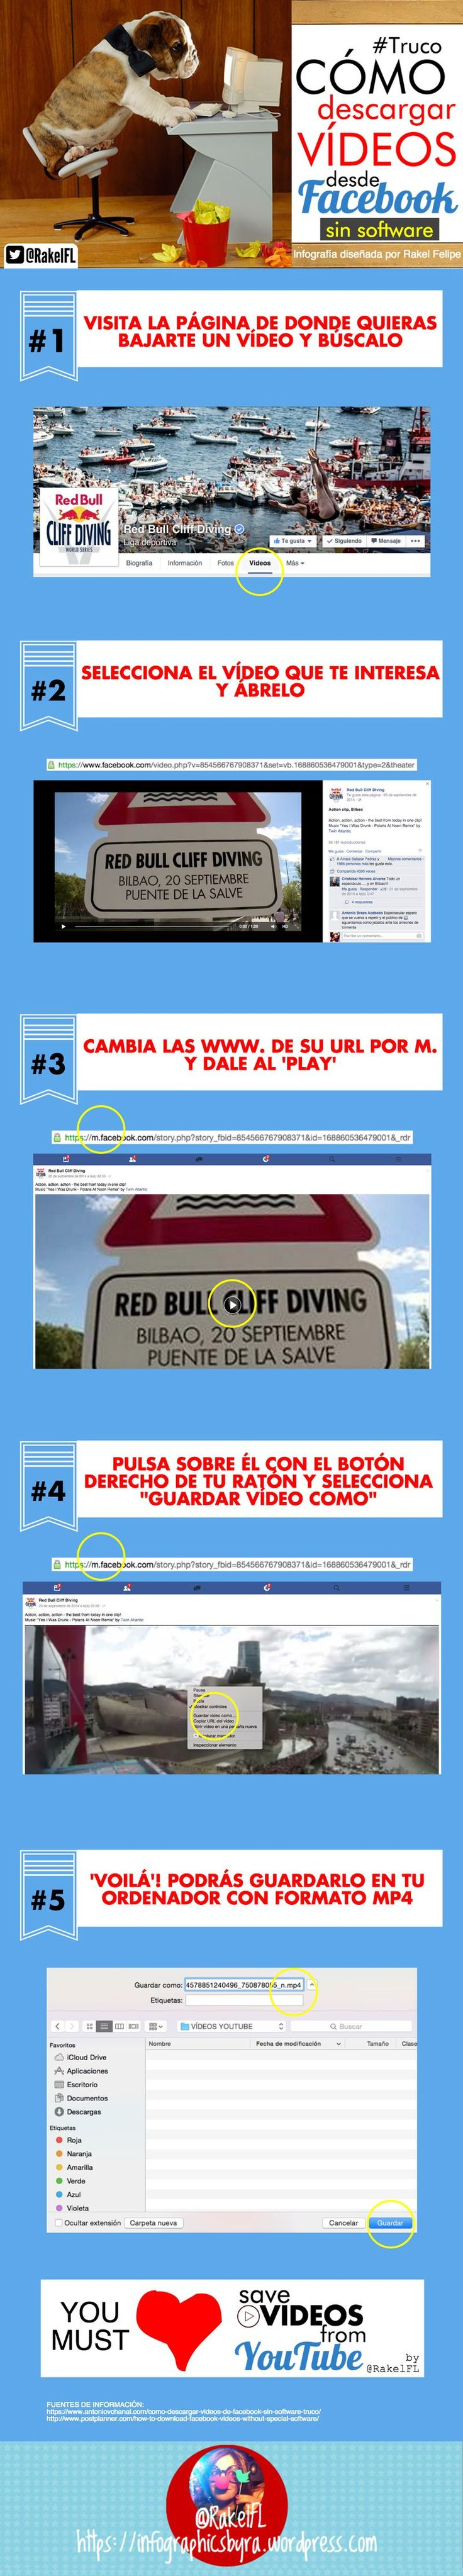 Infografía en español que nos enseña a descargar vídeos de Facebook, sin usar ningún software o herramienta, en apenas cinco sencillos pasos.